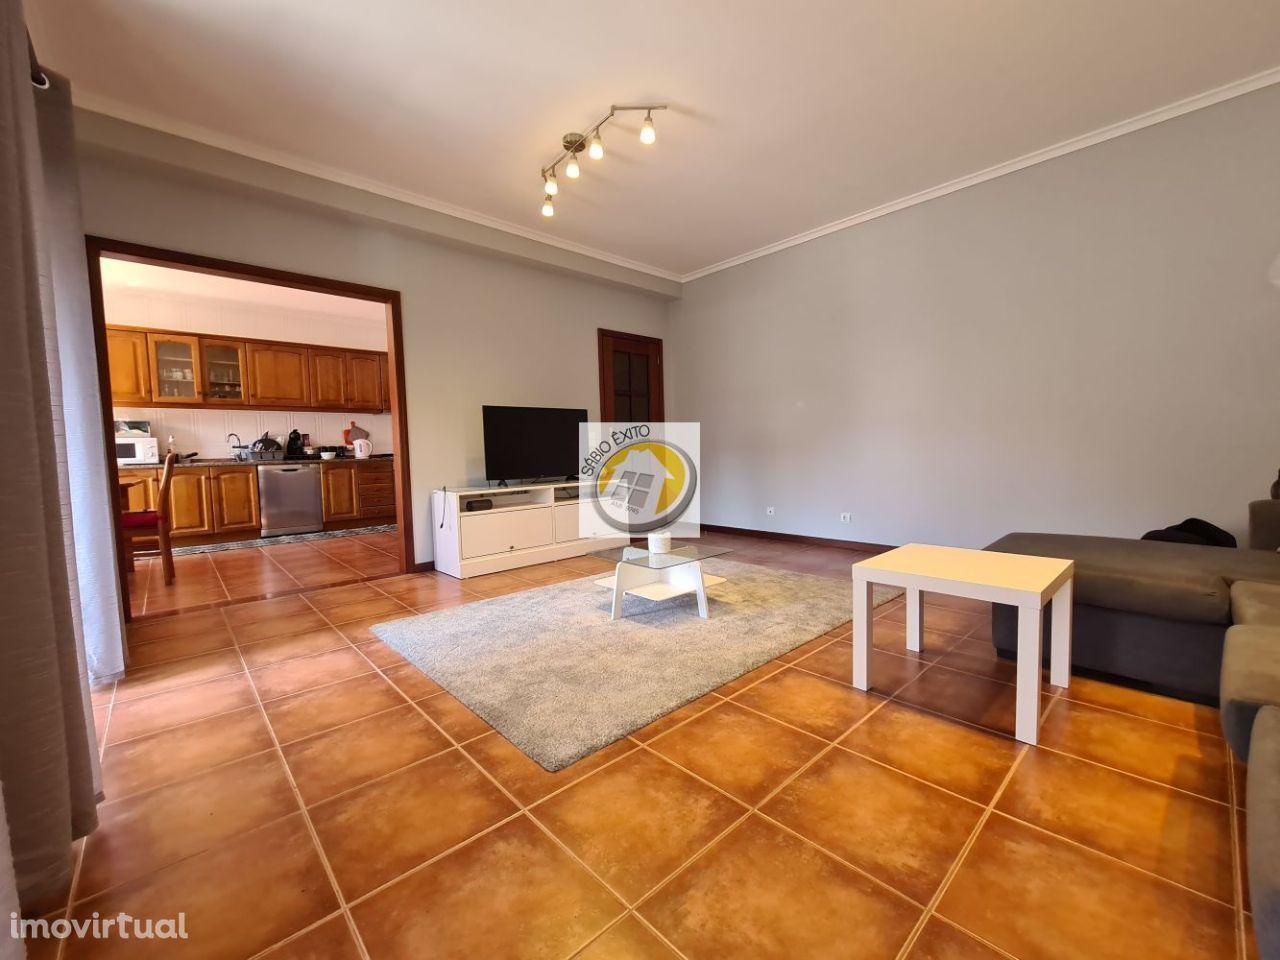 EXCLUSIVO - Apartamento T3 com excelentes áreas em Fiães